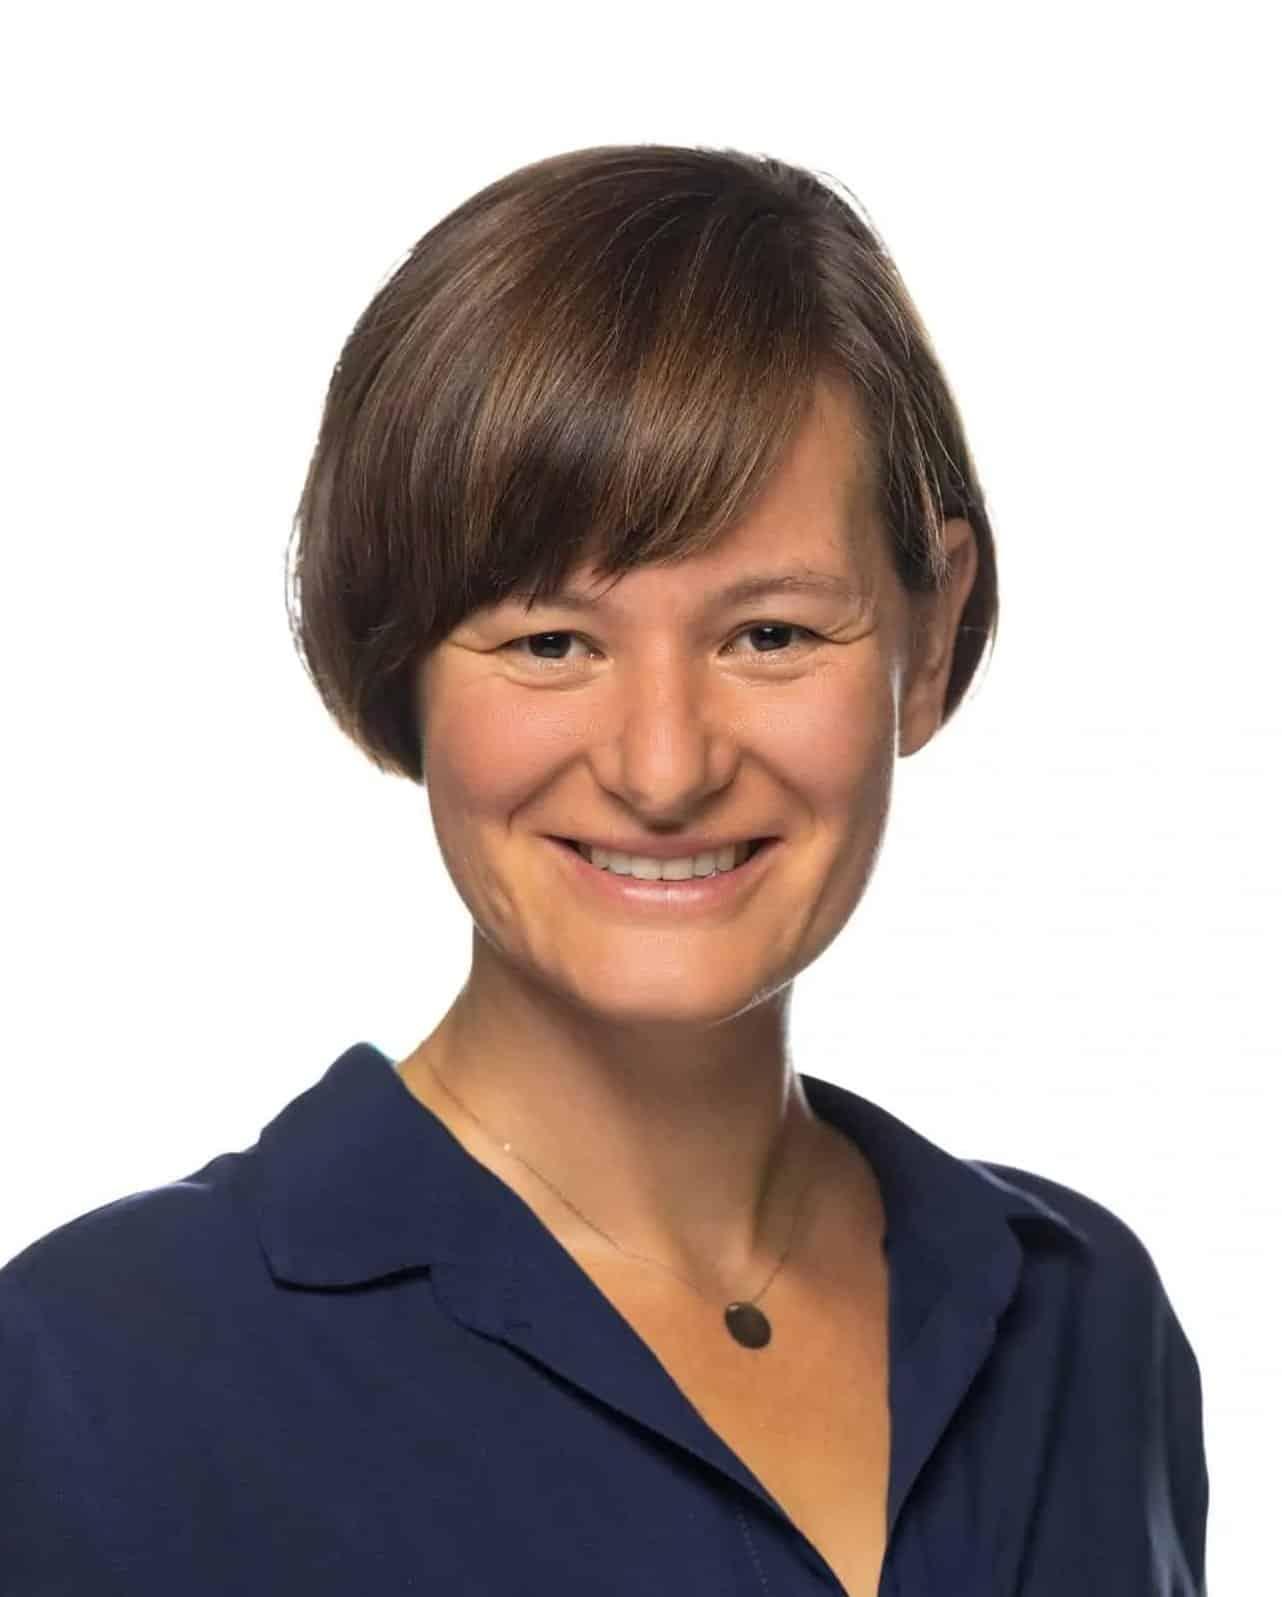 Yvonne-Reif